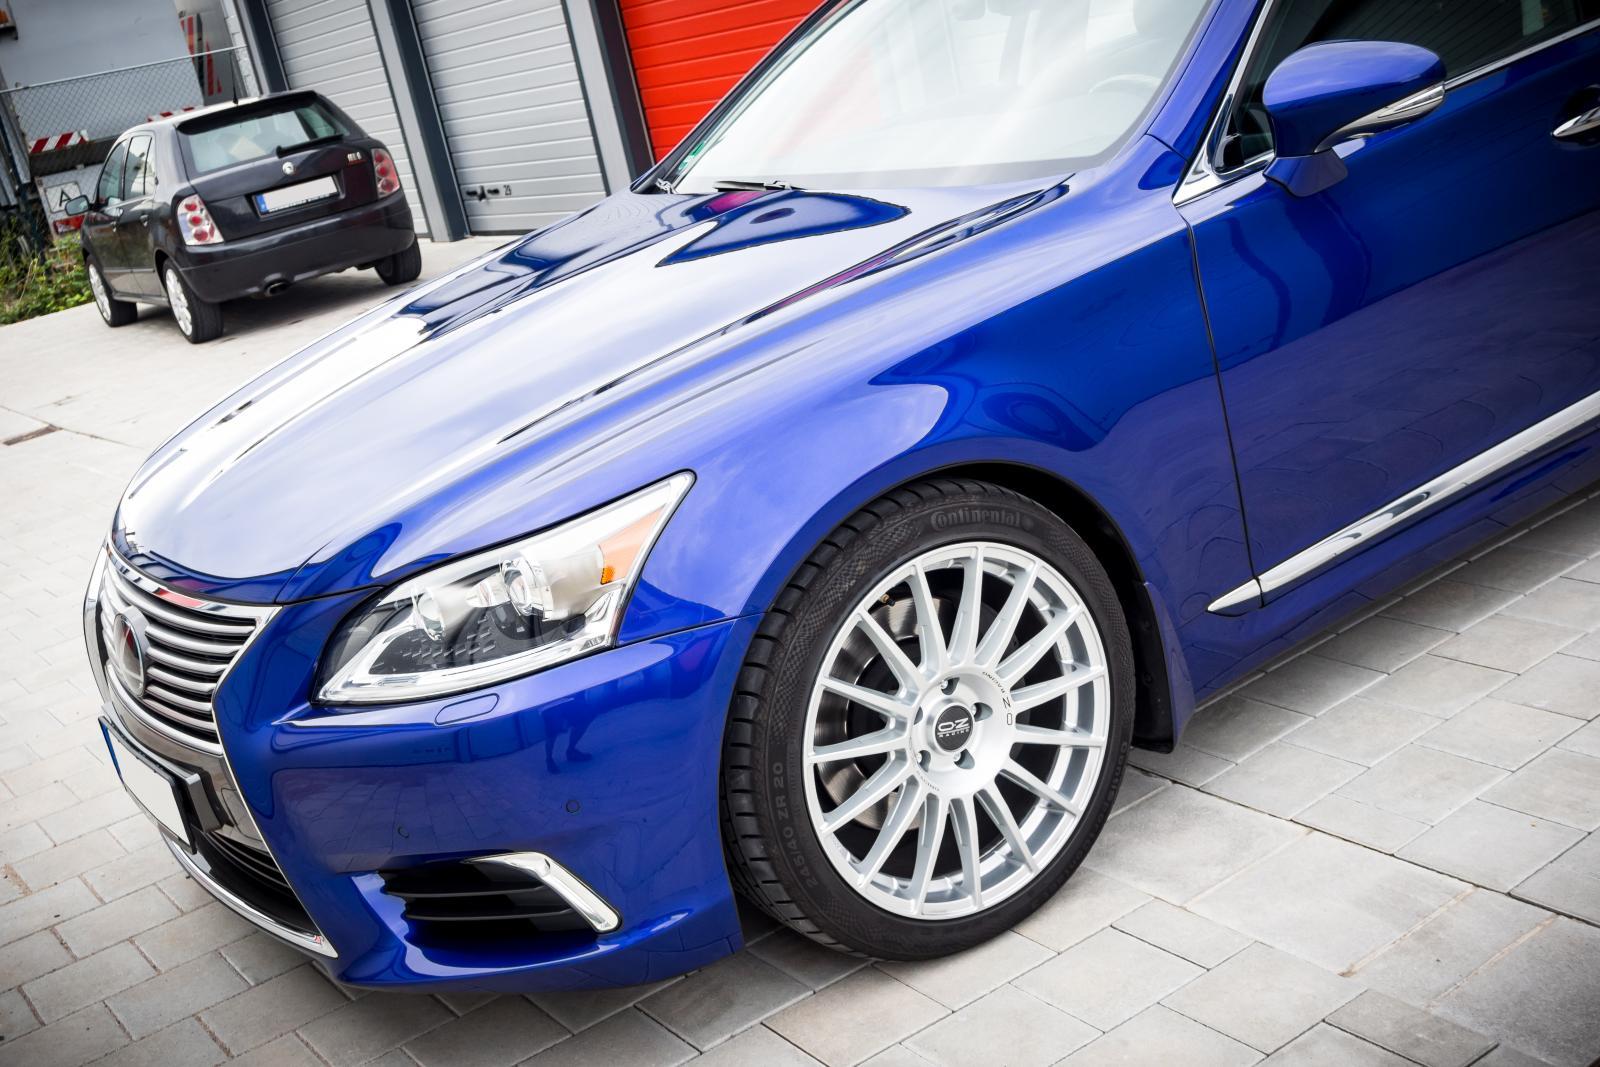 Lexus_LS460_06.jpg